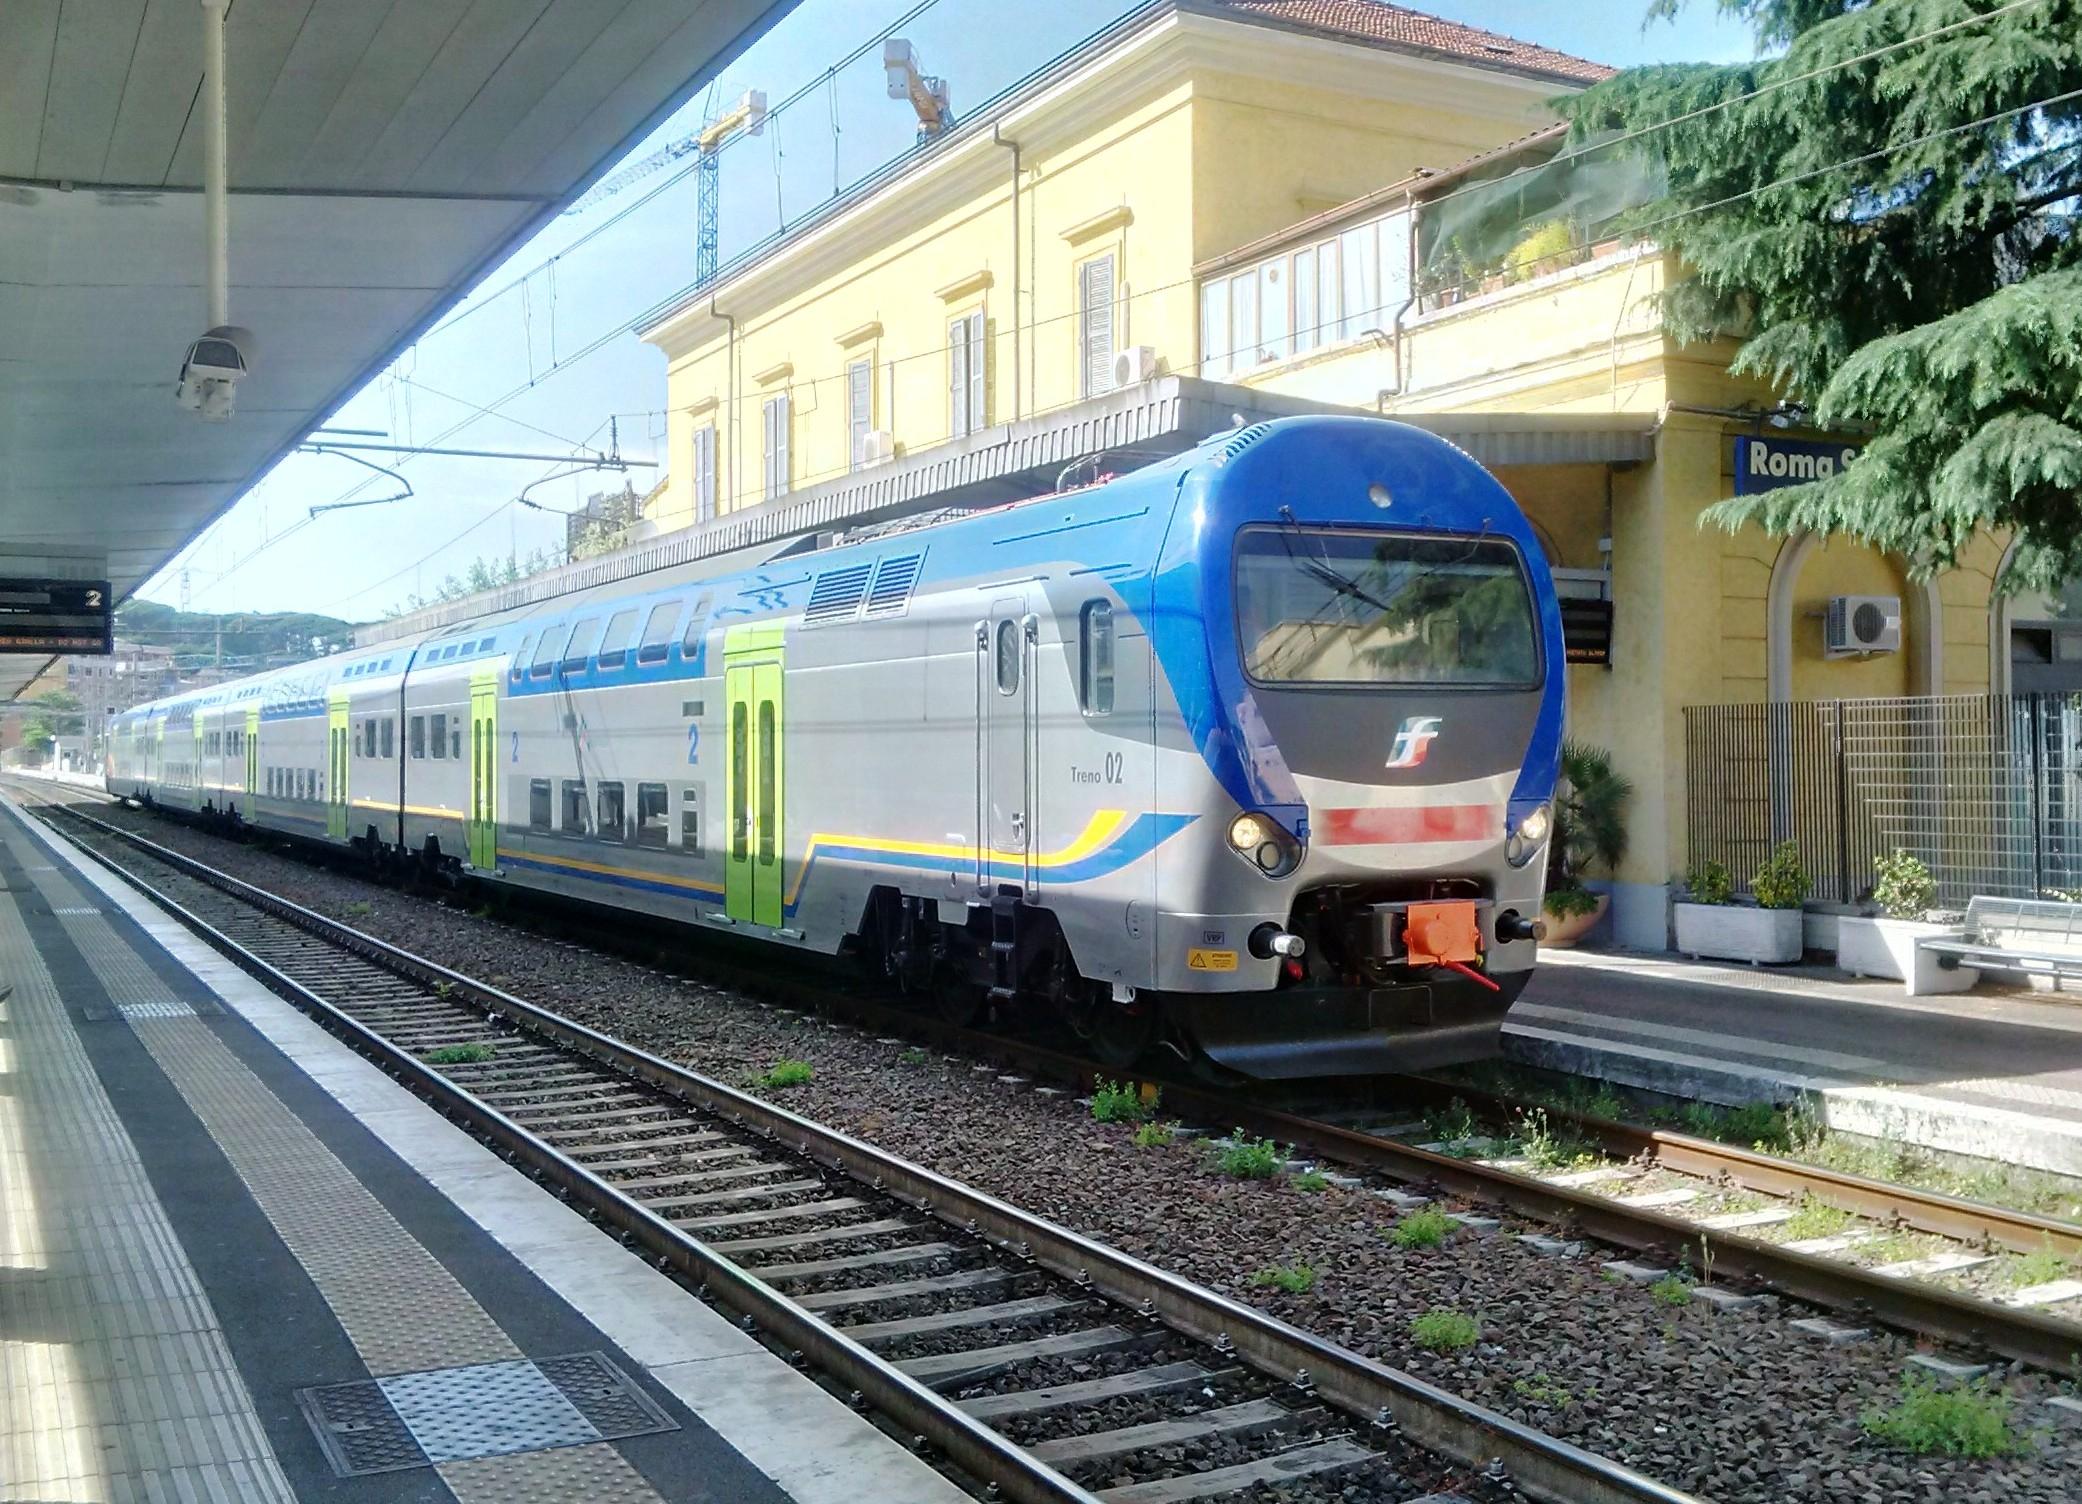 Il Taf 02 nella nuova livrea regionale di Trenitalia a Roma in servizio sulla Fl3 - Foto Giovanni Giglio